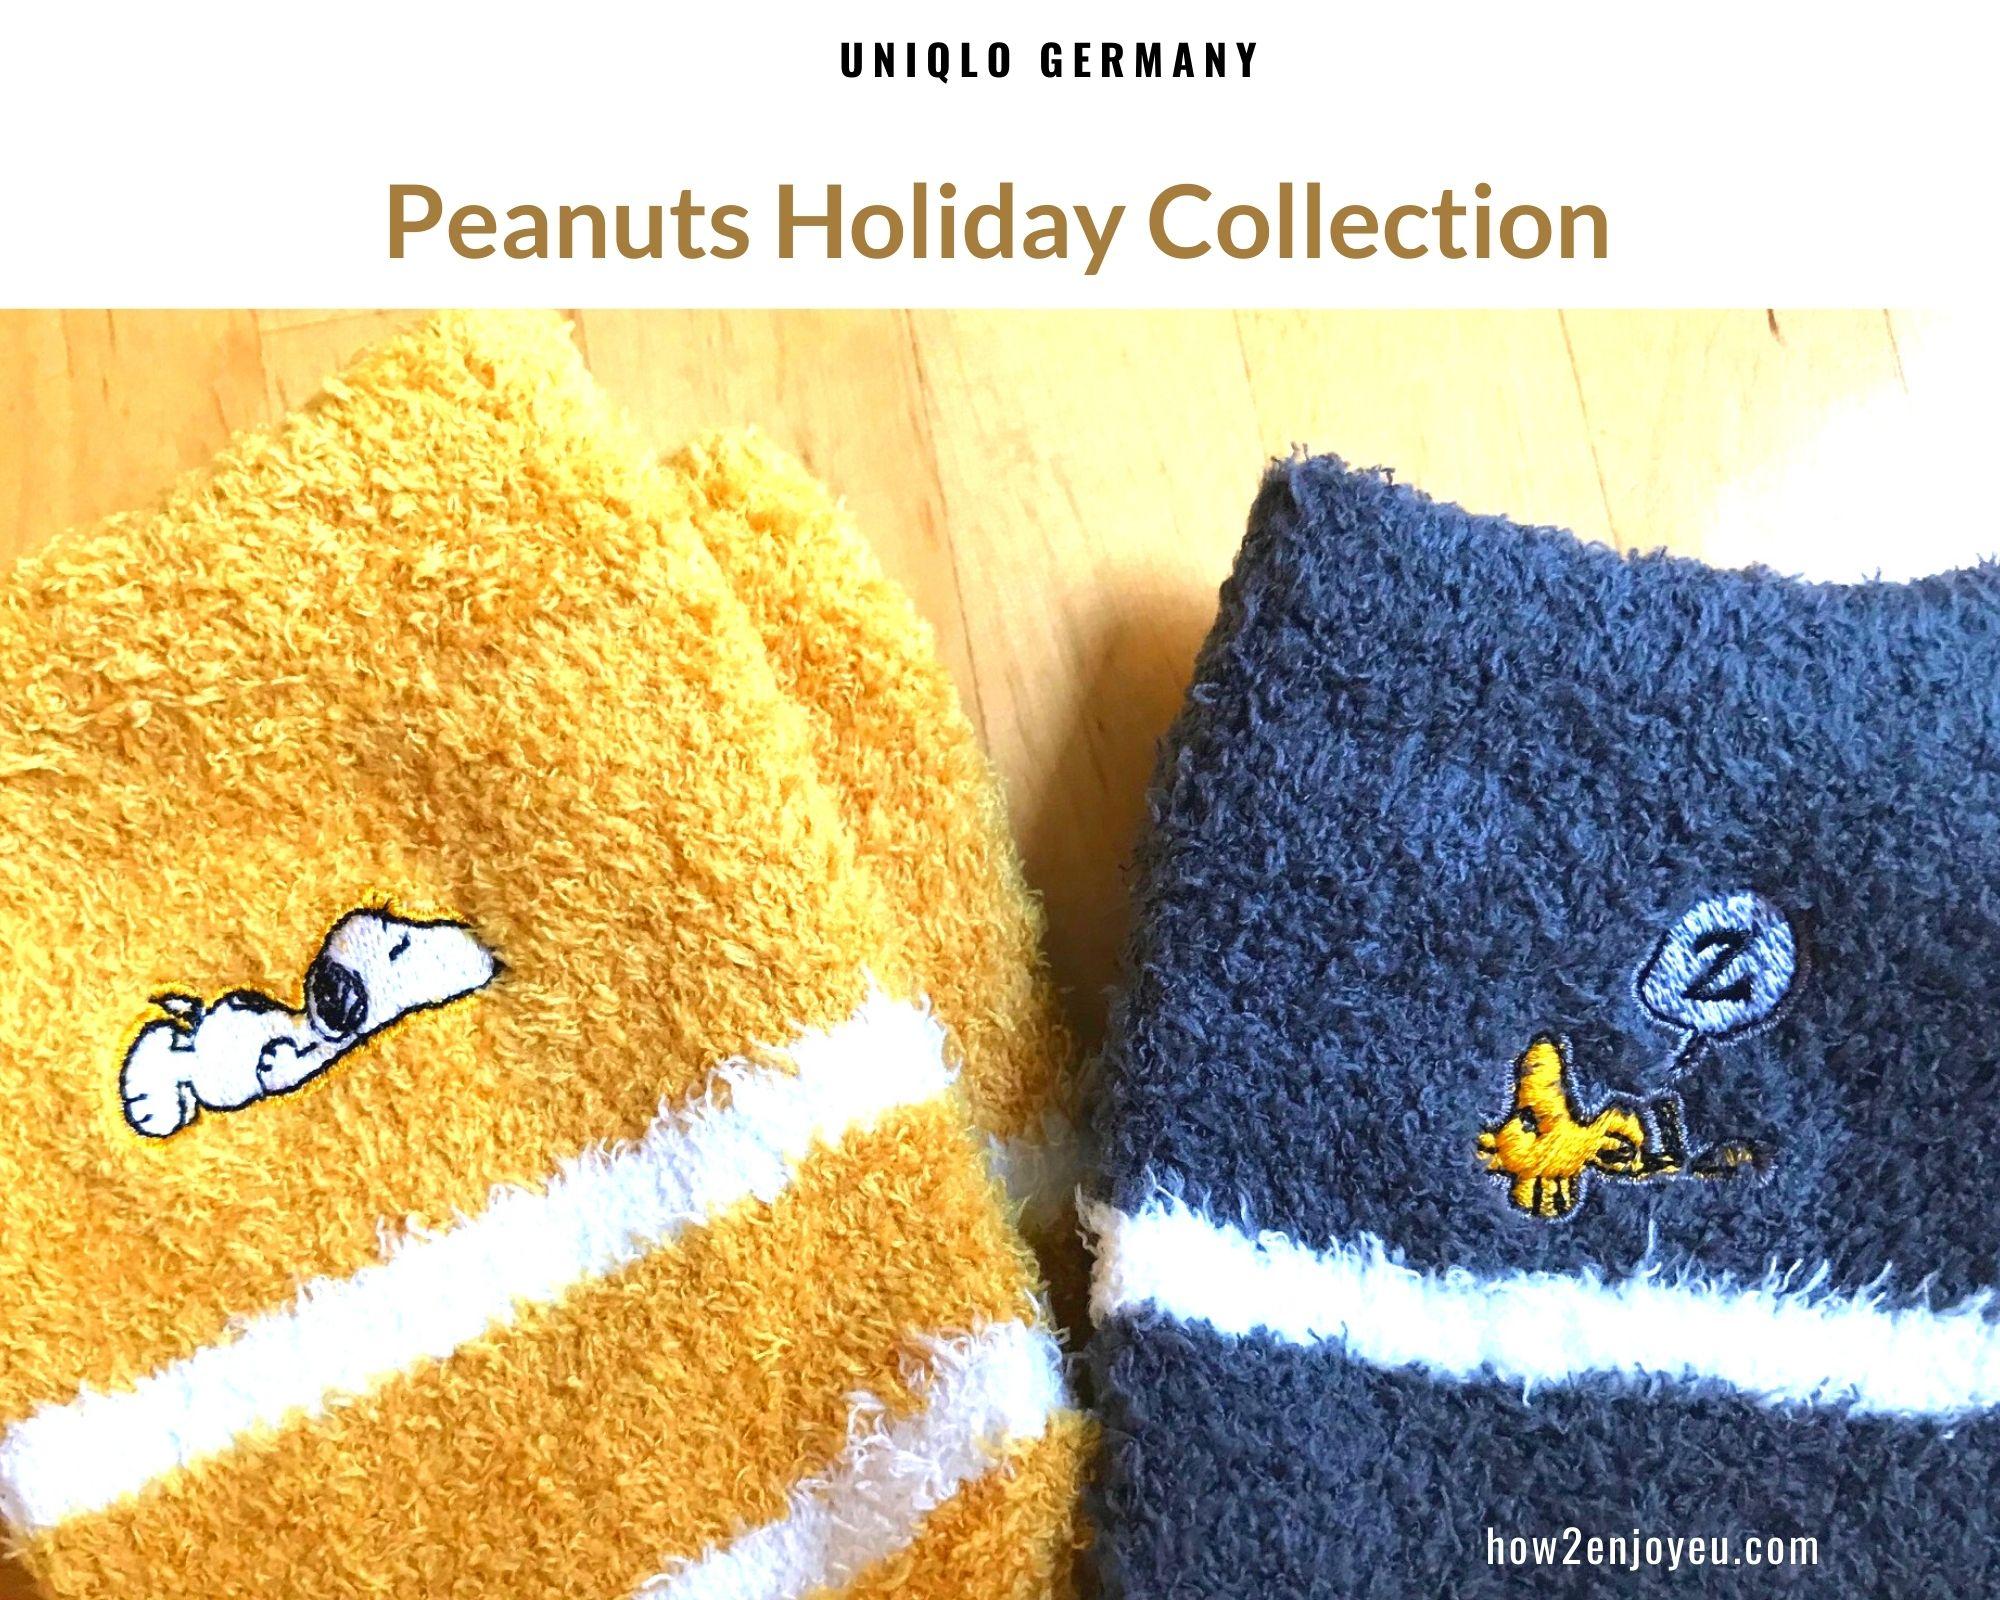 ユニクロ【ピーナッツ ホリデー コレクション】ドイツではかなり入手困難な商品かも?